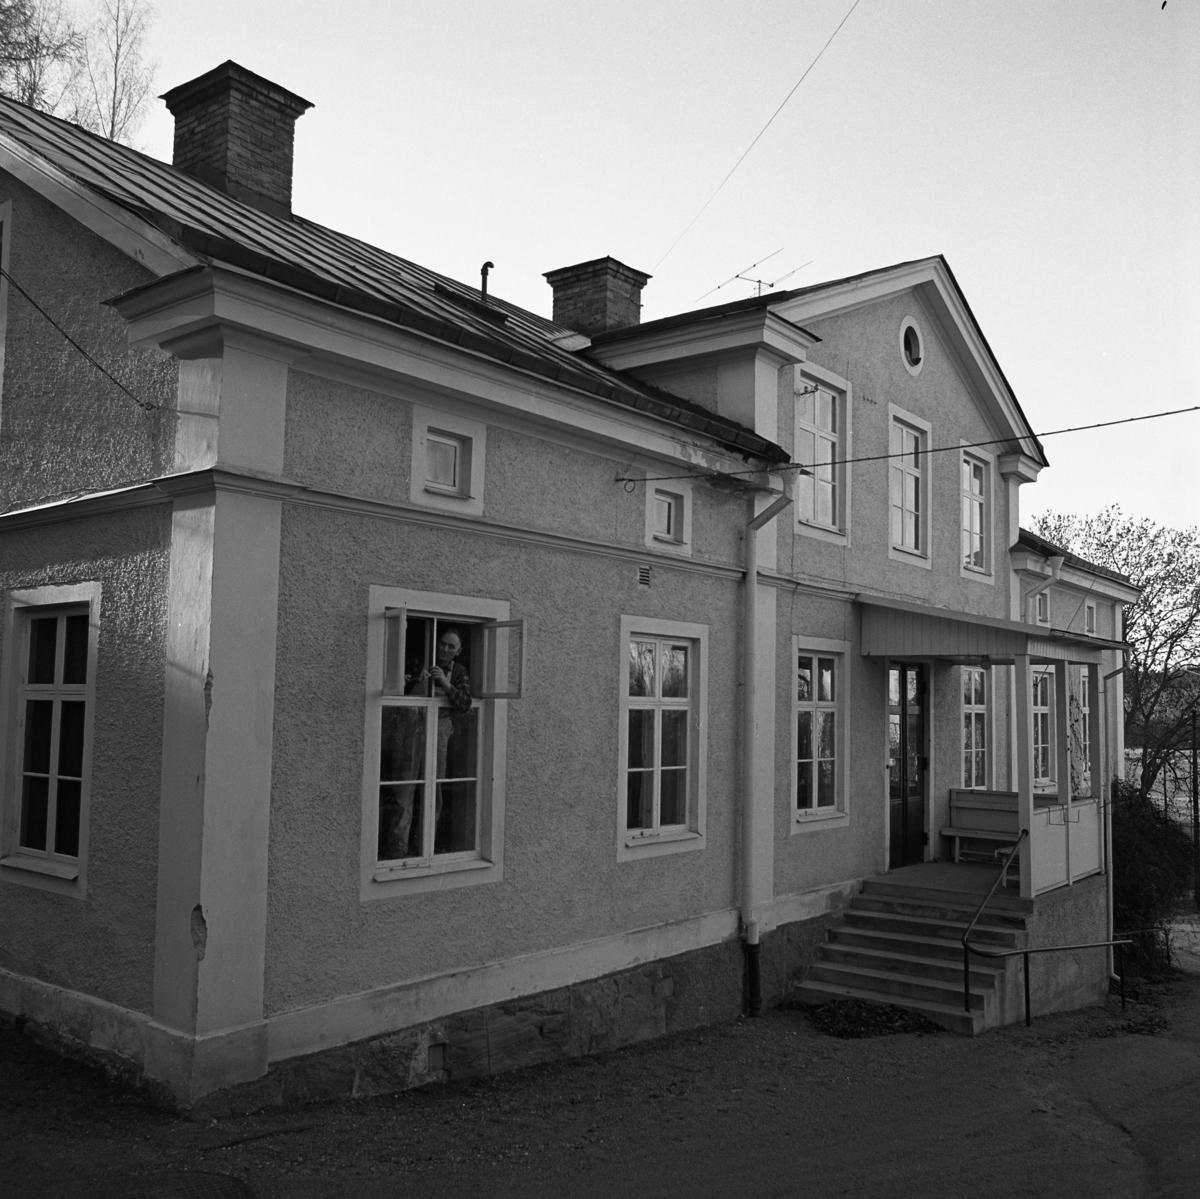 Gamla ålderdomshemmet rustas. En man står i fönstret och skrapar färg. Exteriör. (Omgjort till dagis/förskolan Sörgården, 1980-talet)